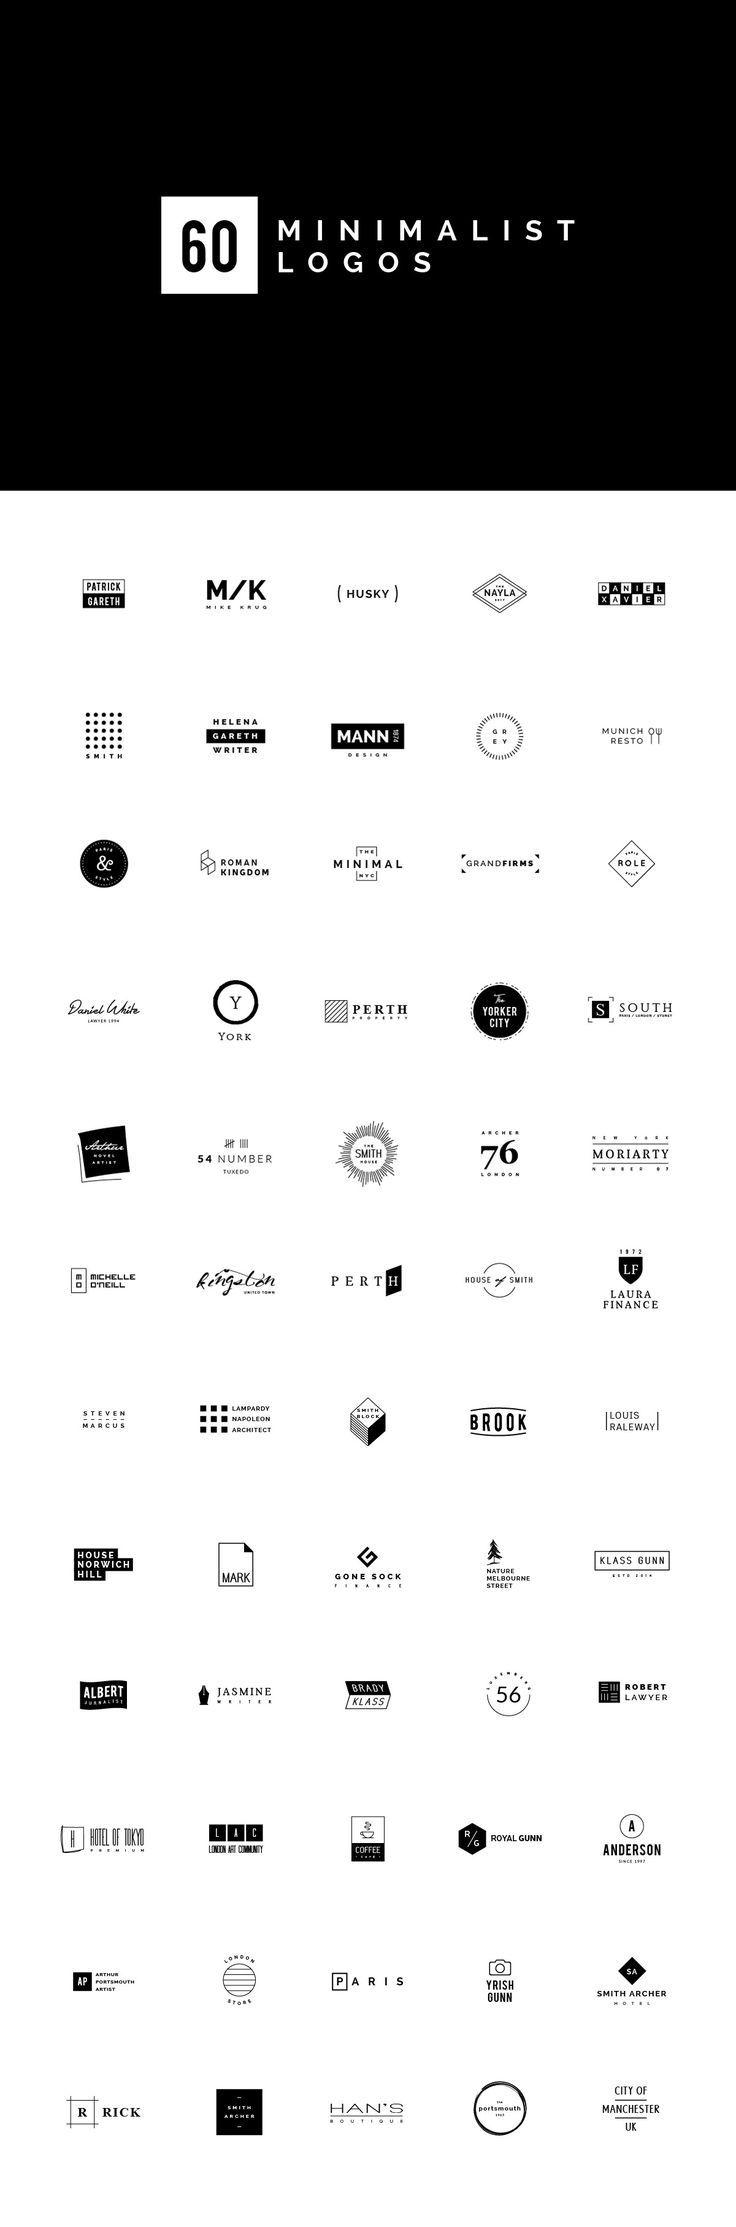 60 minimalistische Logos von vuuuds – #logo #Logos…